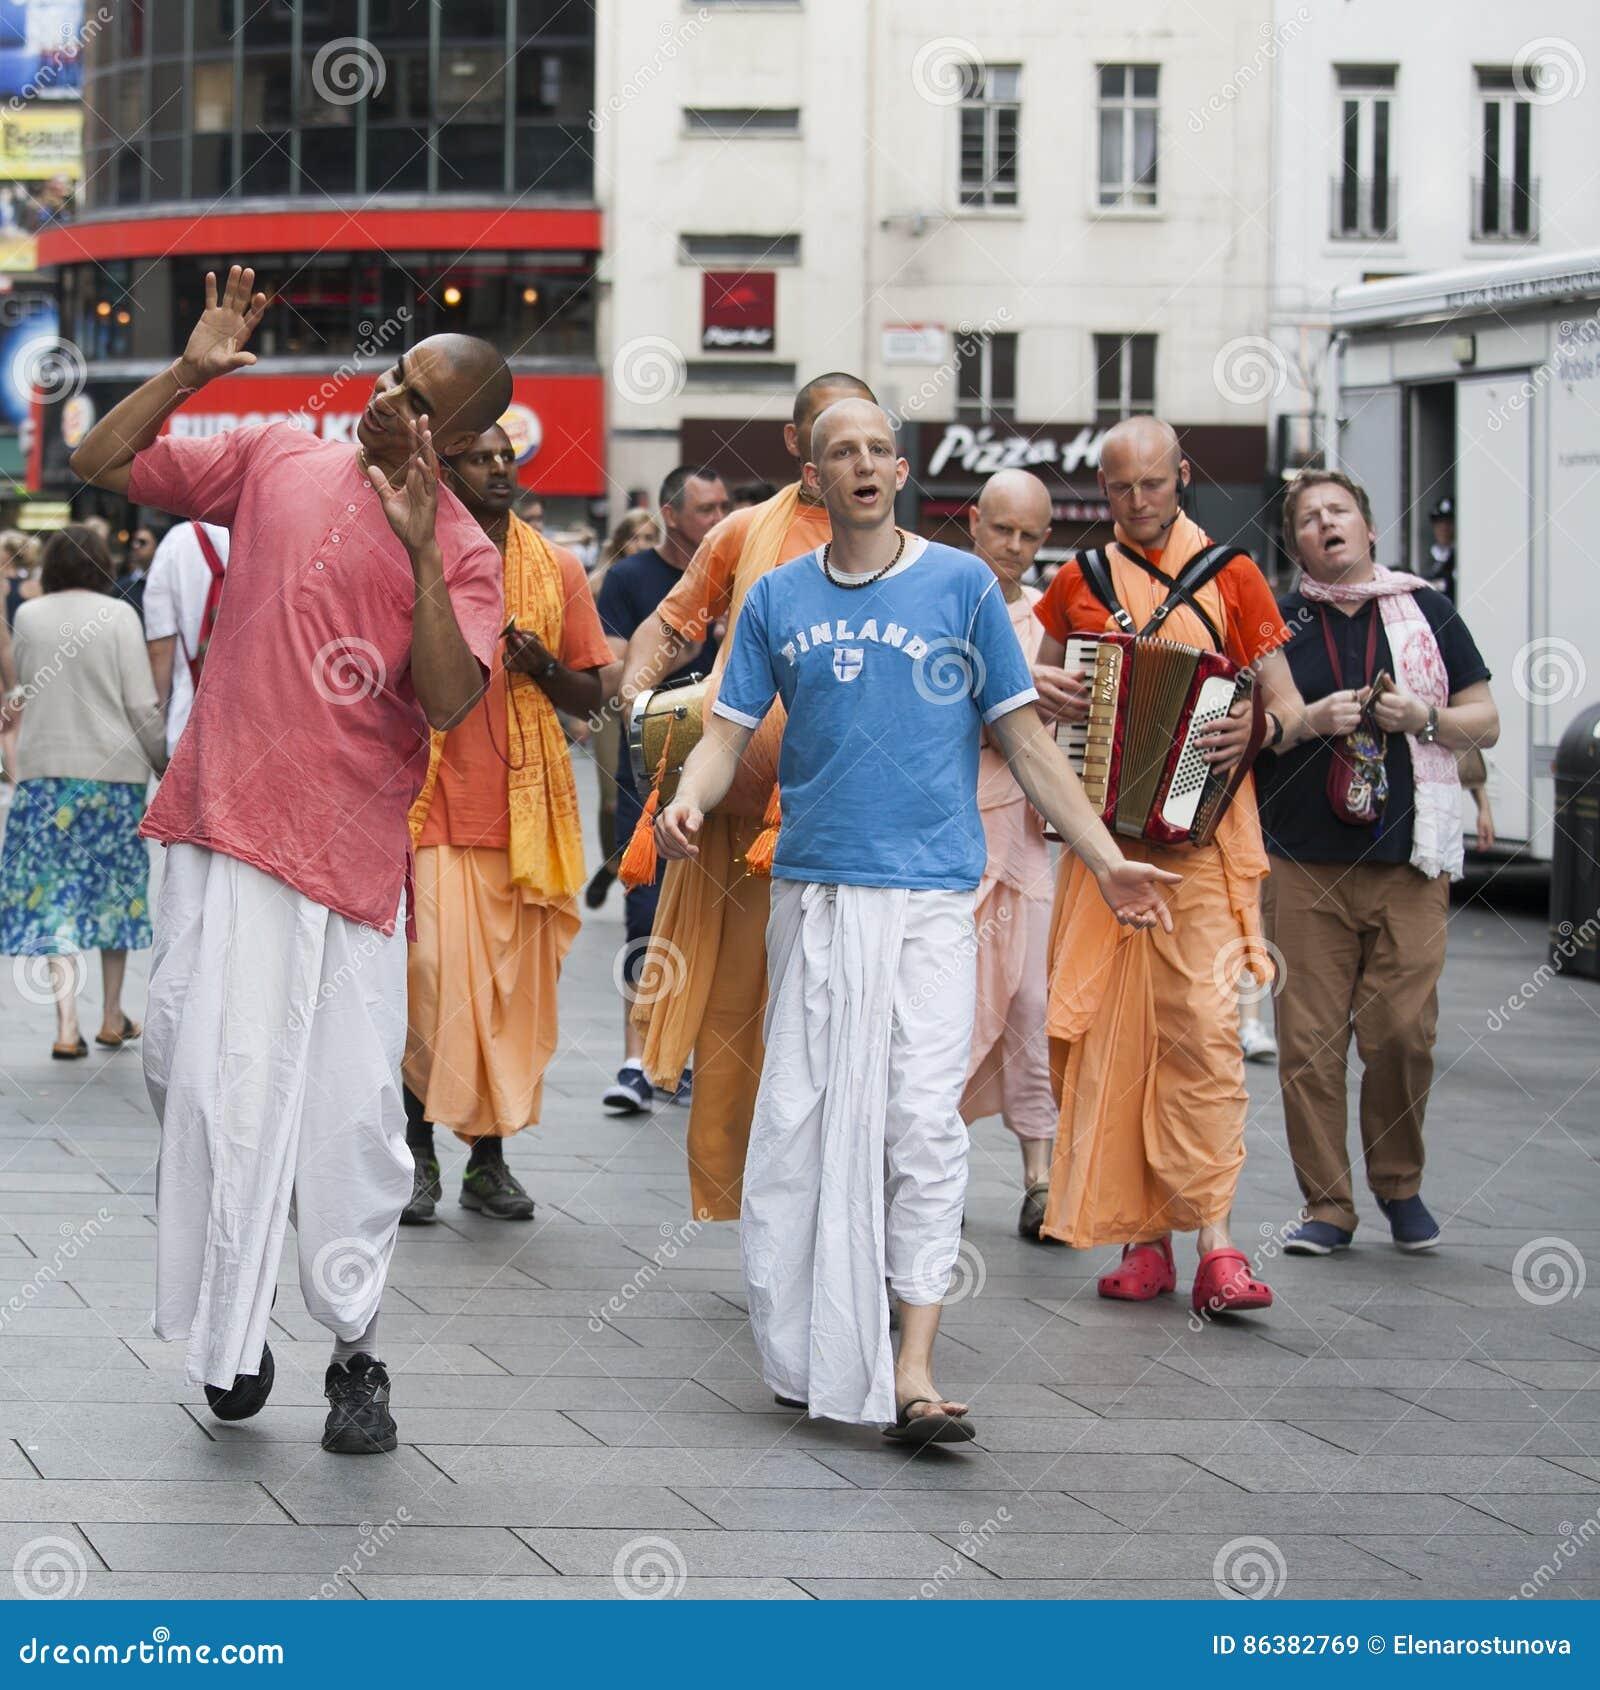 Les disciples de Krishna de lièvres descendent la rue du ` s Oxford de Londres dans leurs robes longues oranges